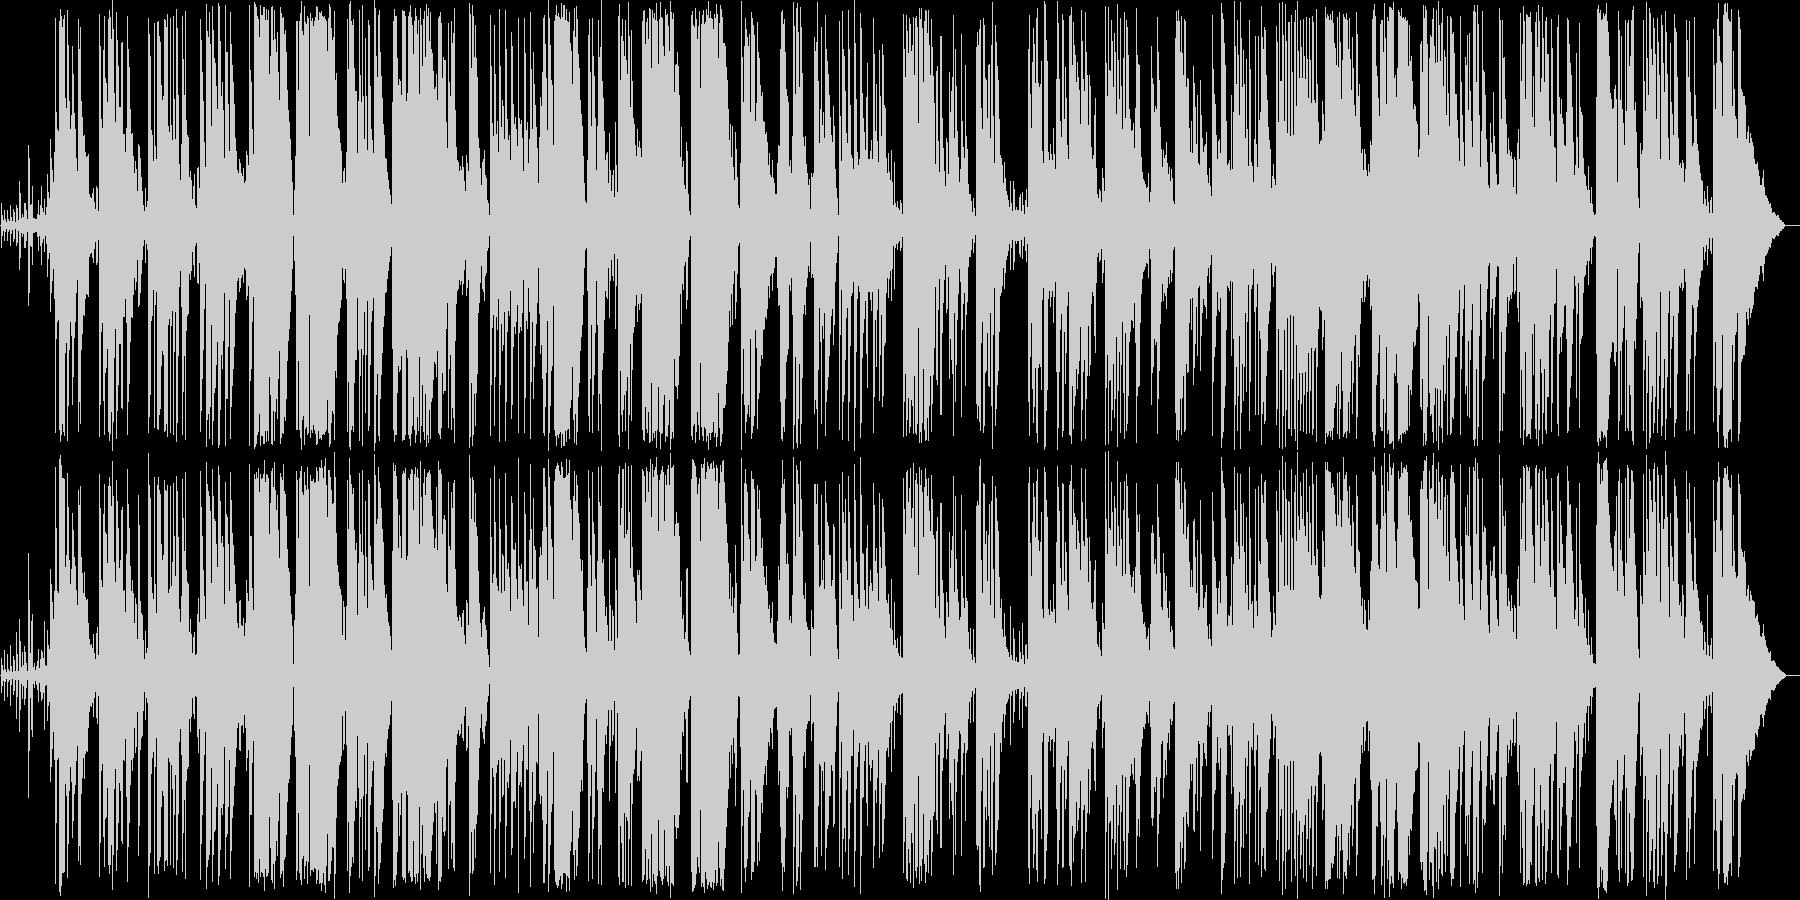 優しいピアノ弦楽器などのボサノヴァの未再生の波形